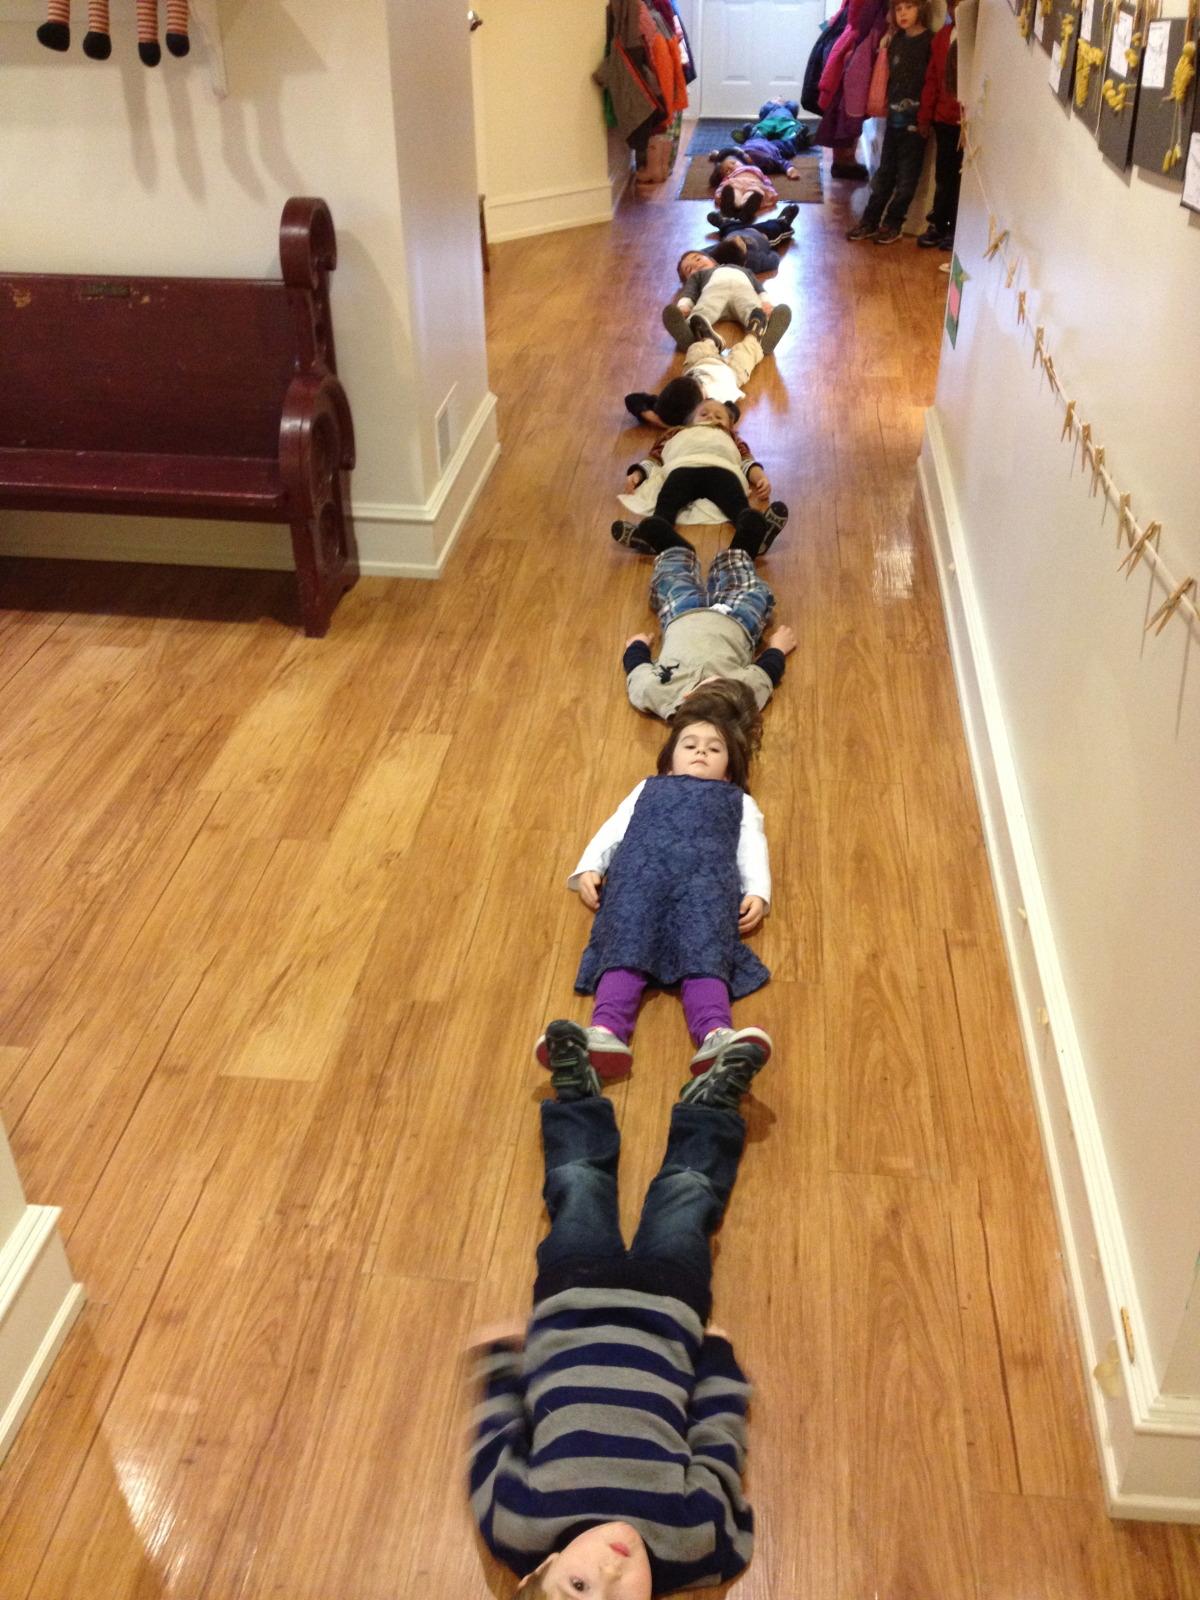 ten children equals one hyselosaurus